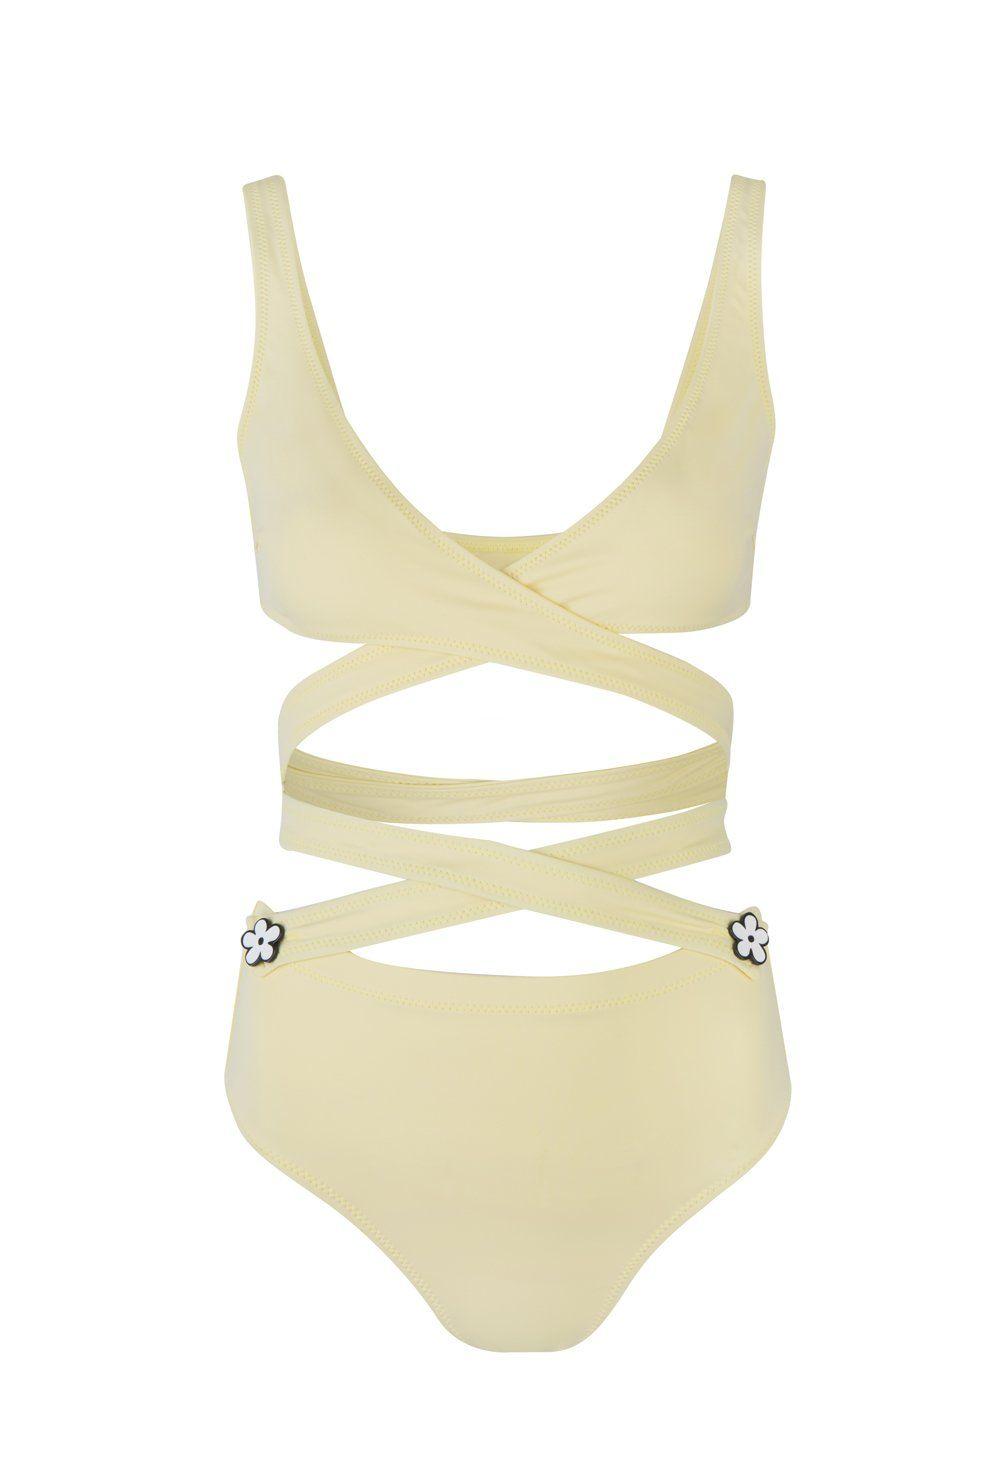 6f95be87fa Pastel Yellow The Lauren Multiway Bikini in 2019 | wishlist ...